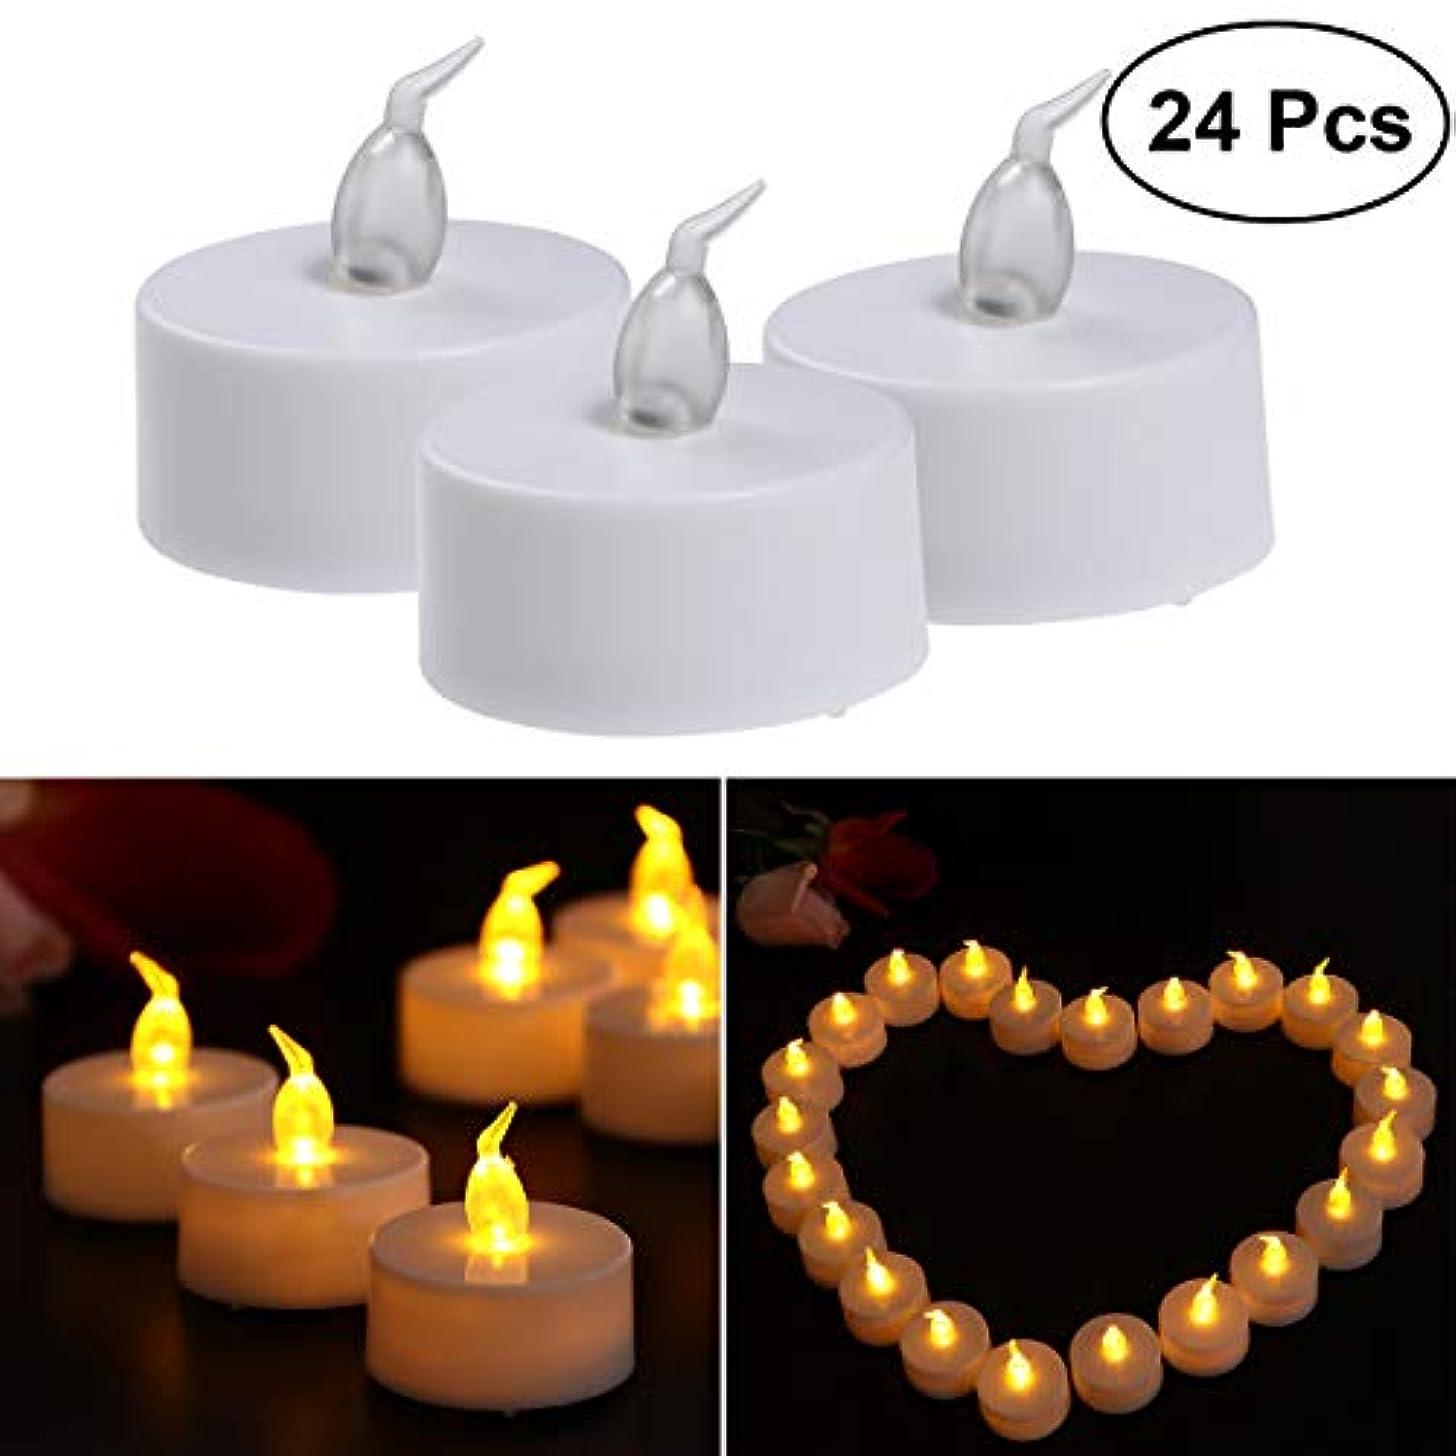 呼び起こす明らかにする創傷Vosarea キャンドル ライト LED キャンドルを点灯 電池で動作 プラスチック 誕生日 祭り 祝賀 3.8×4.2cm 24ピース(黄色のフラッシュライト)